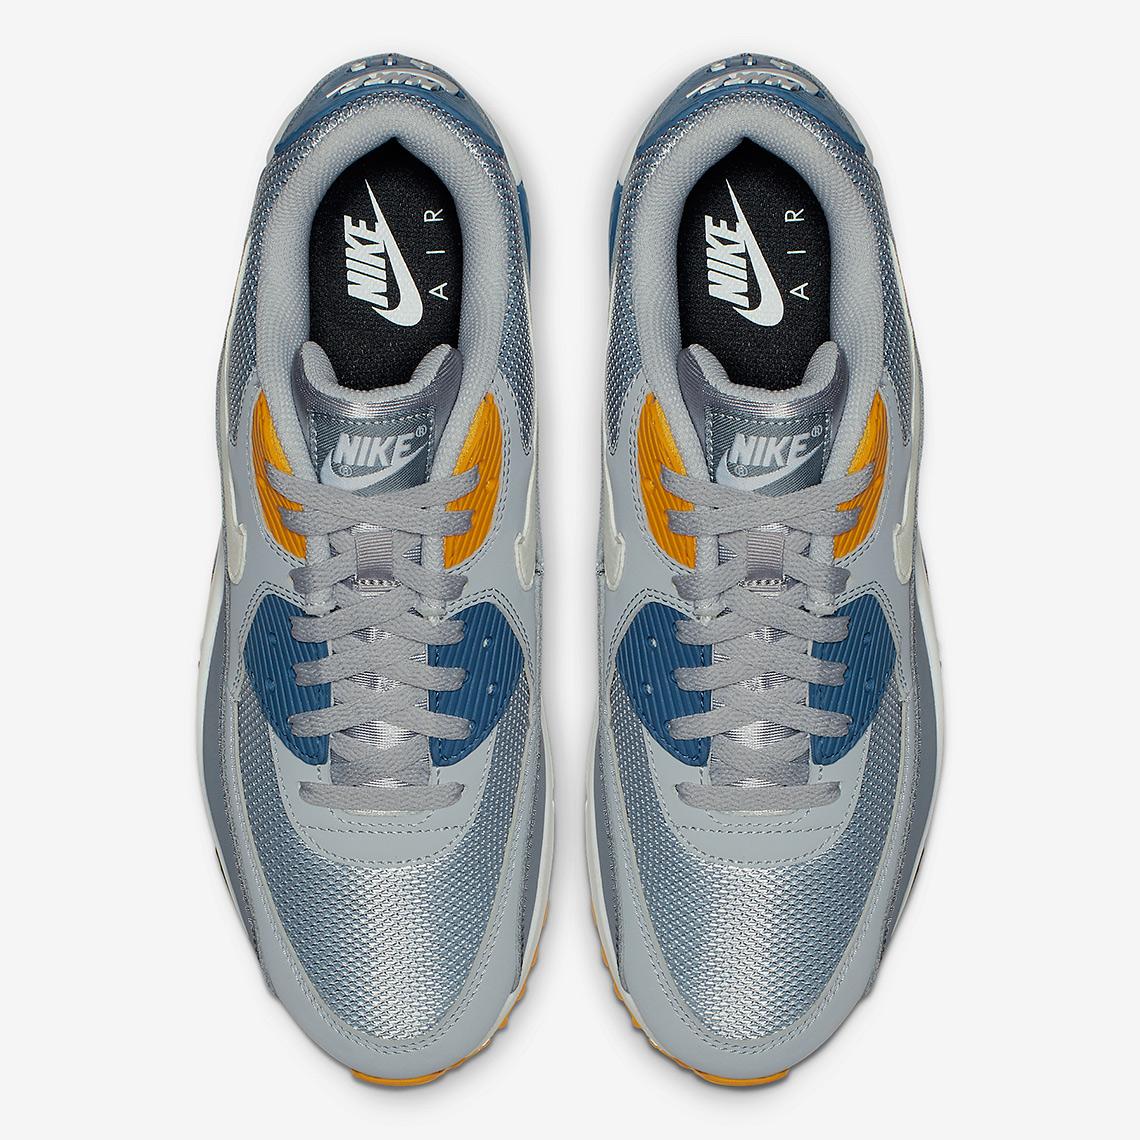 Nike Air Max 90 AJ1285 016 Release Info  